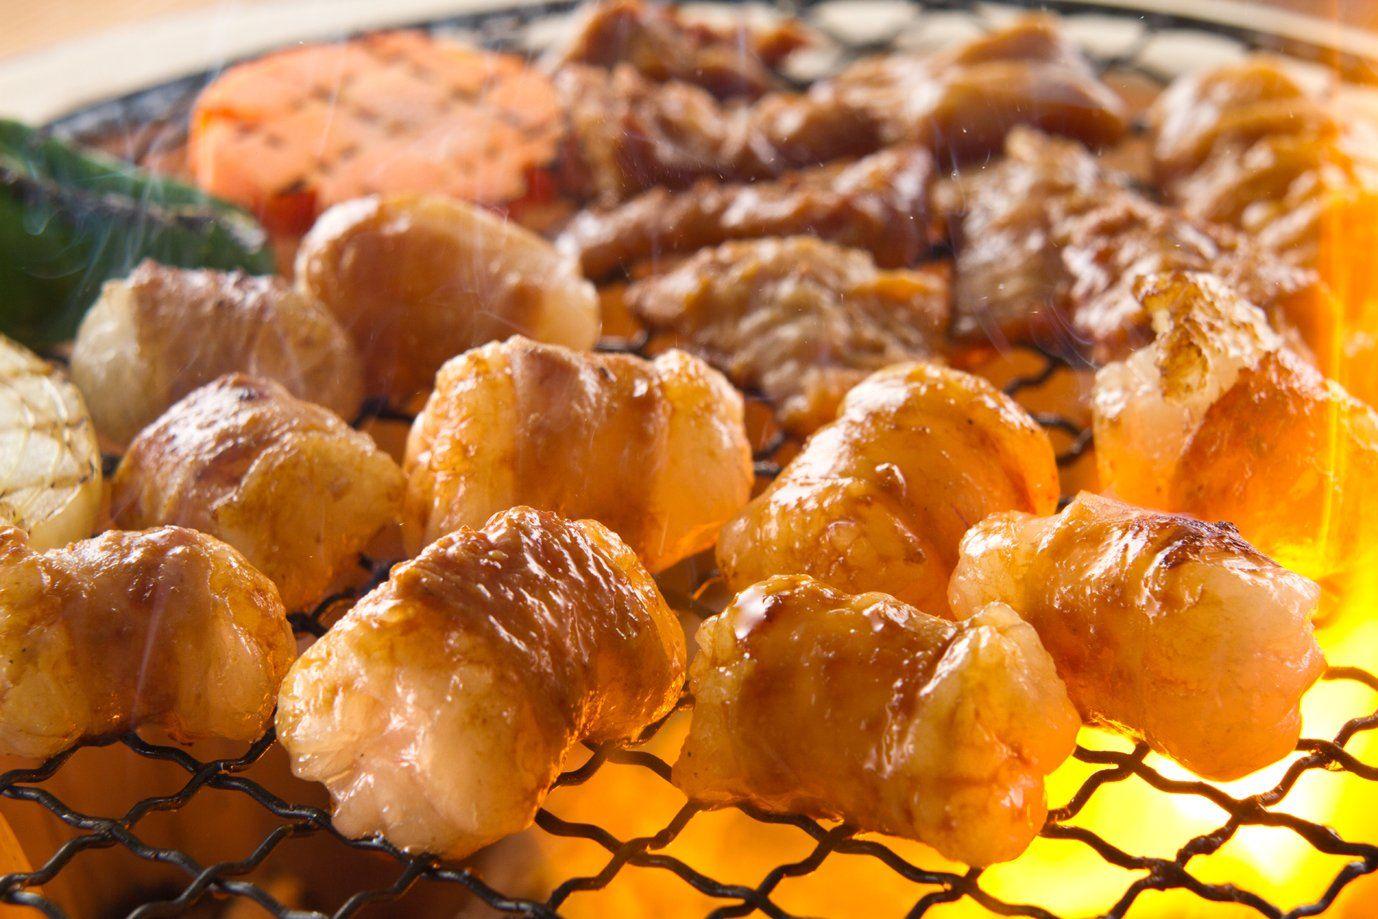 熊谷・熊谷駅周辺焼き肉紹介!ホルモンも食べられるおすすめの店・個室あり